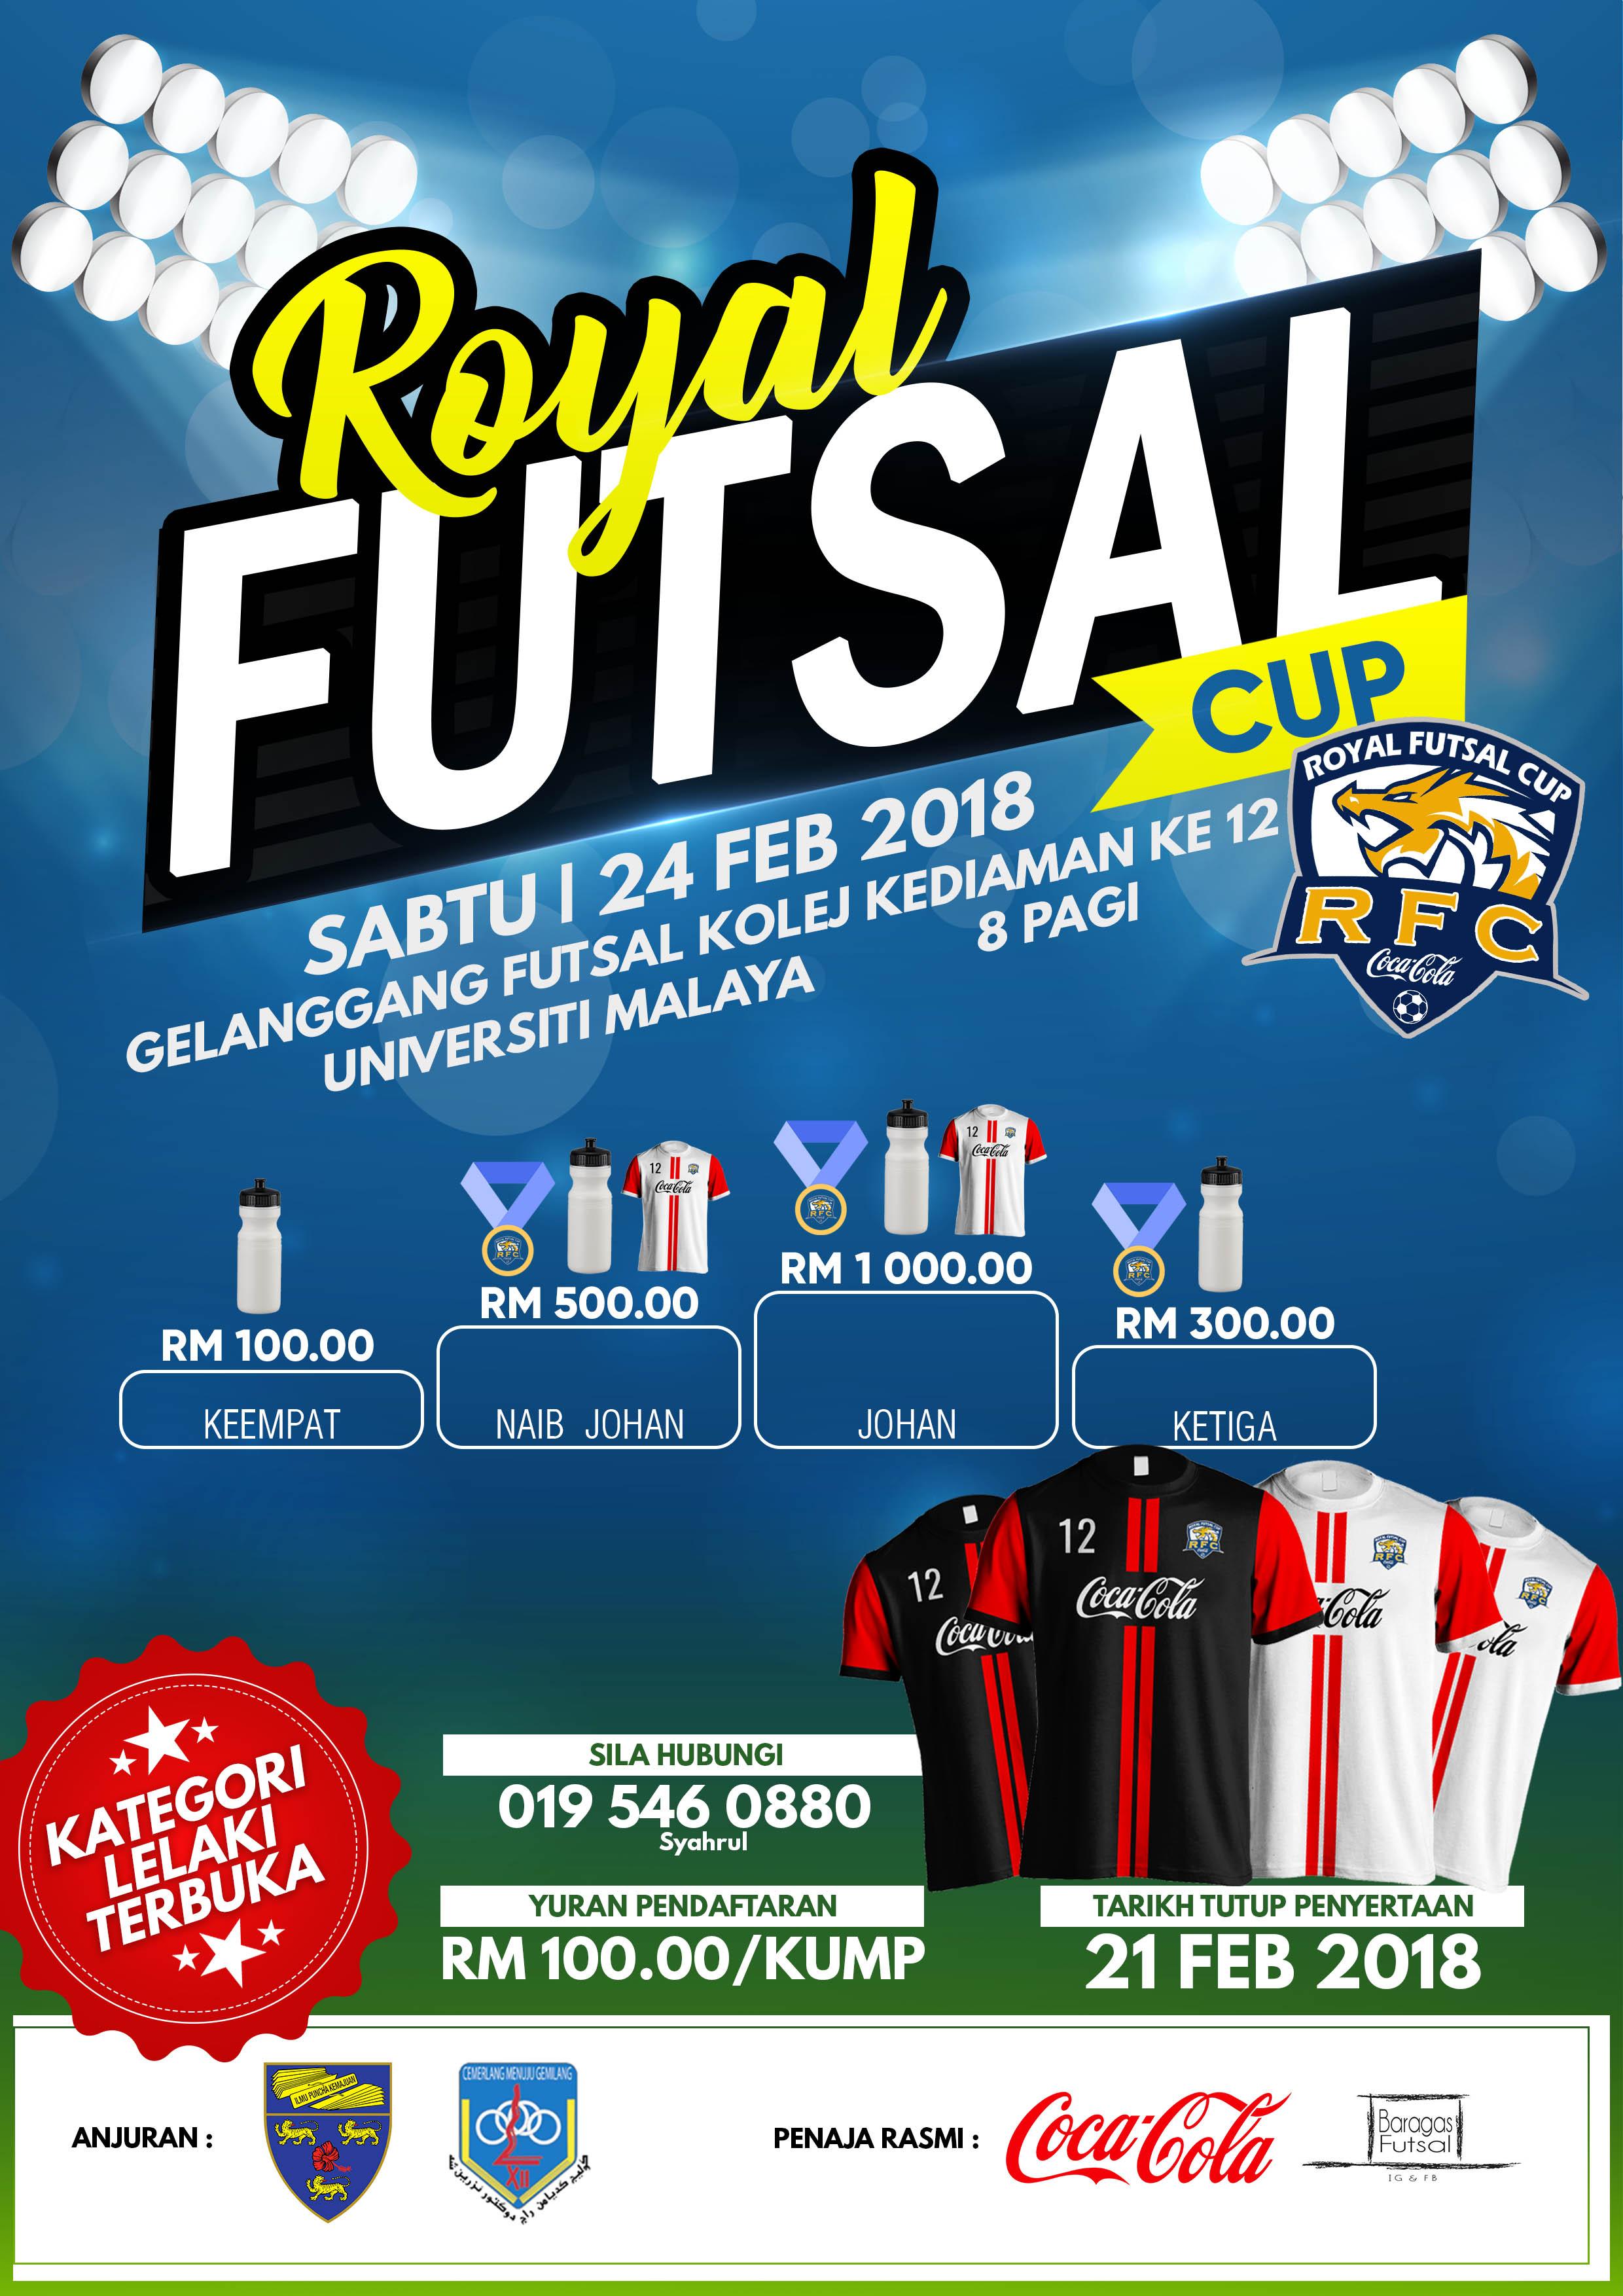 Royal Futsal Cup @ Gelanggang Futsal Kolej Kediaman Ke 12, Universiti Malaya